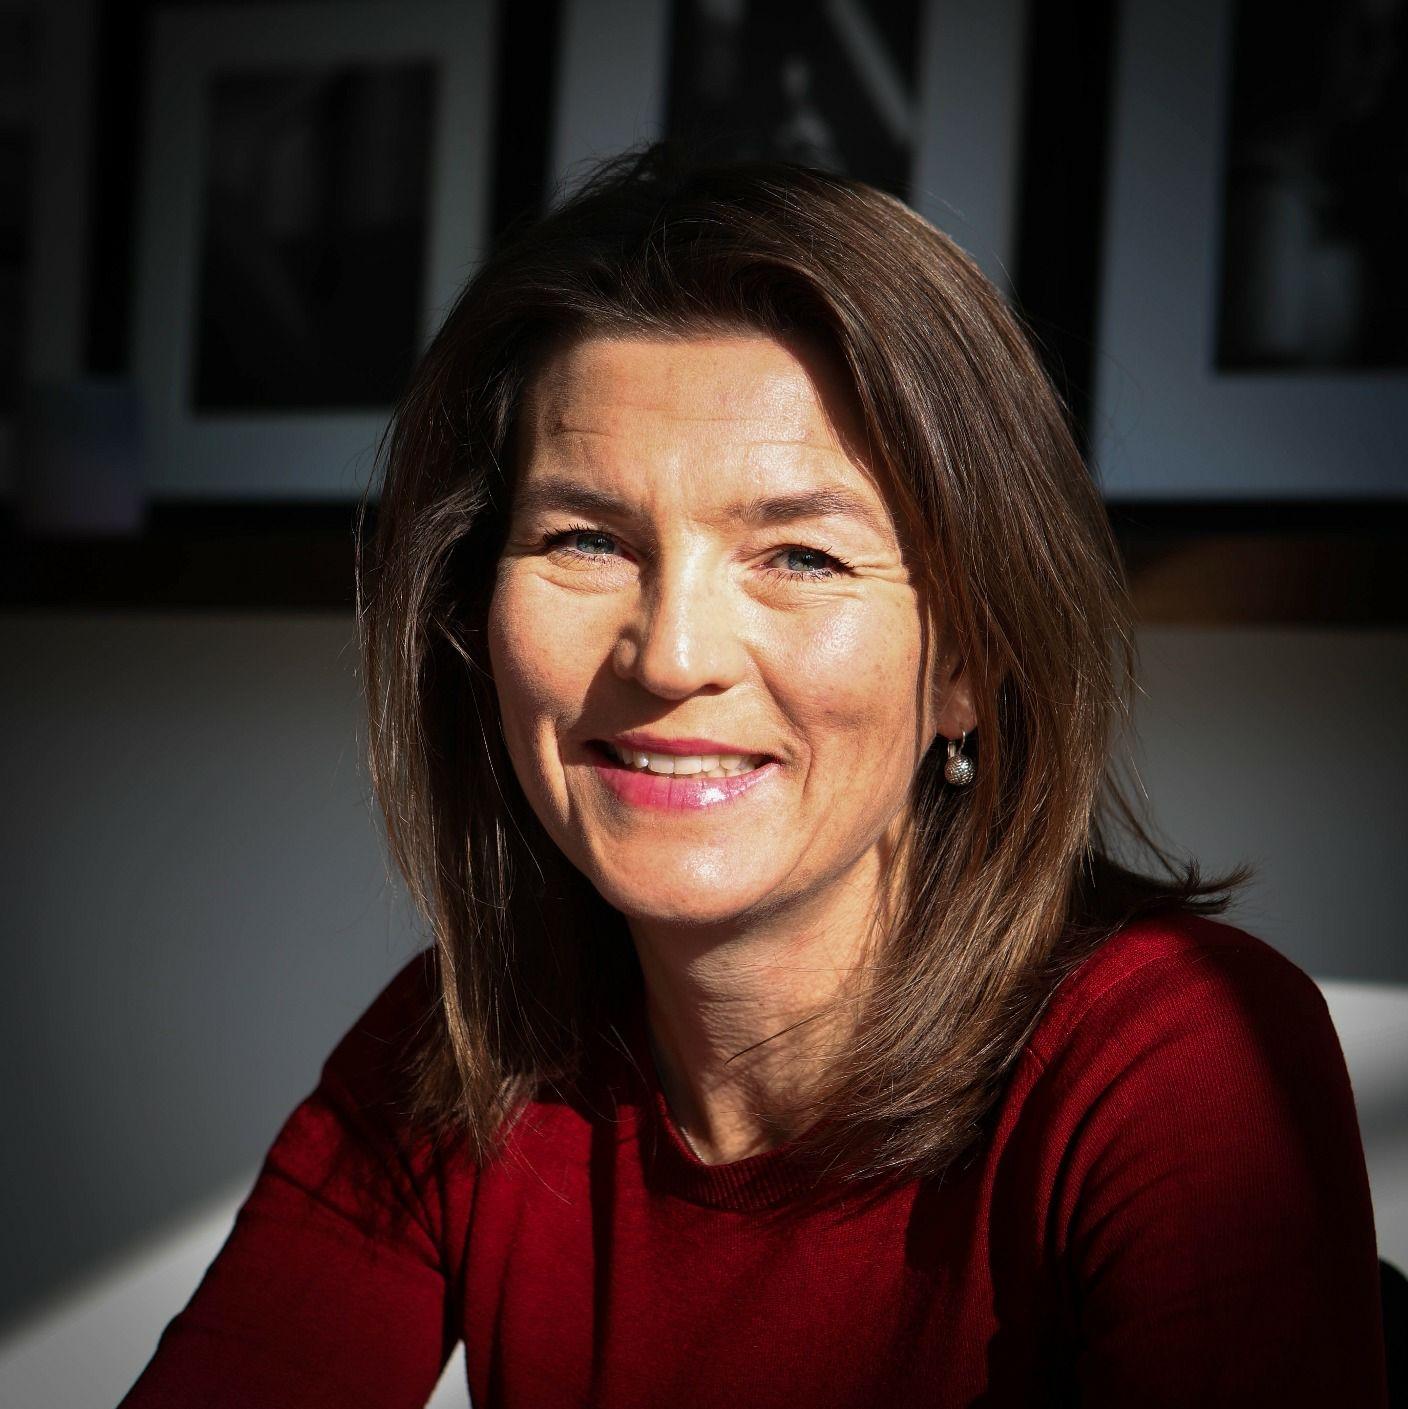 Marieke Noort